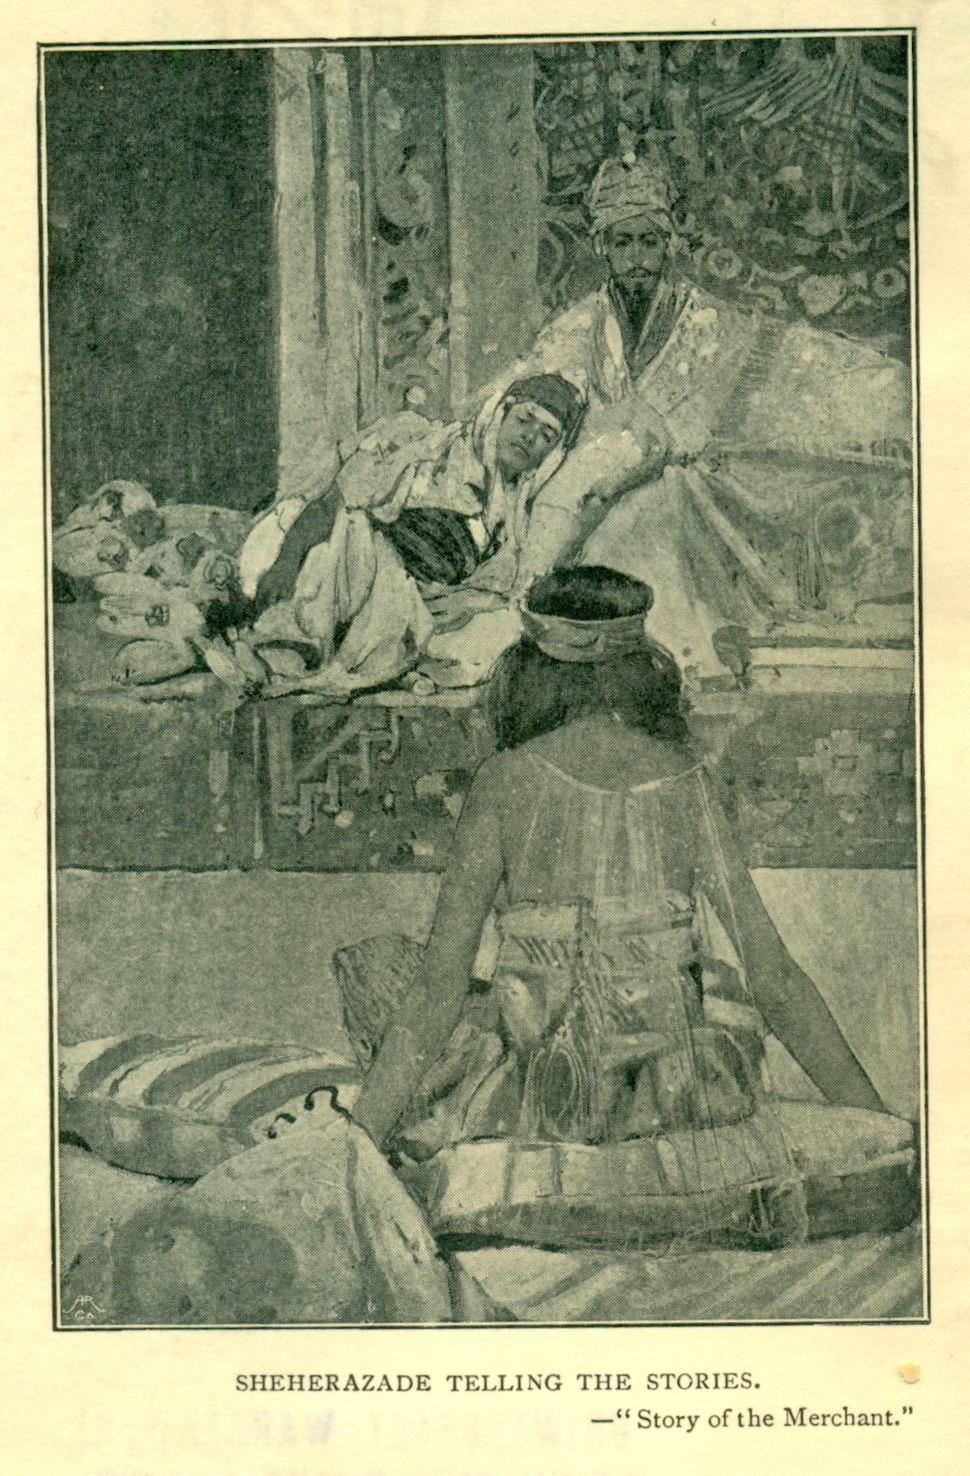 Brangwyn, Arabian Nights, Vol 1, 1896 (2)